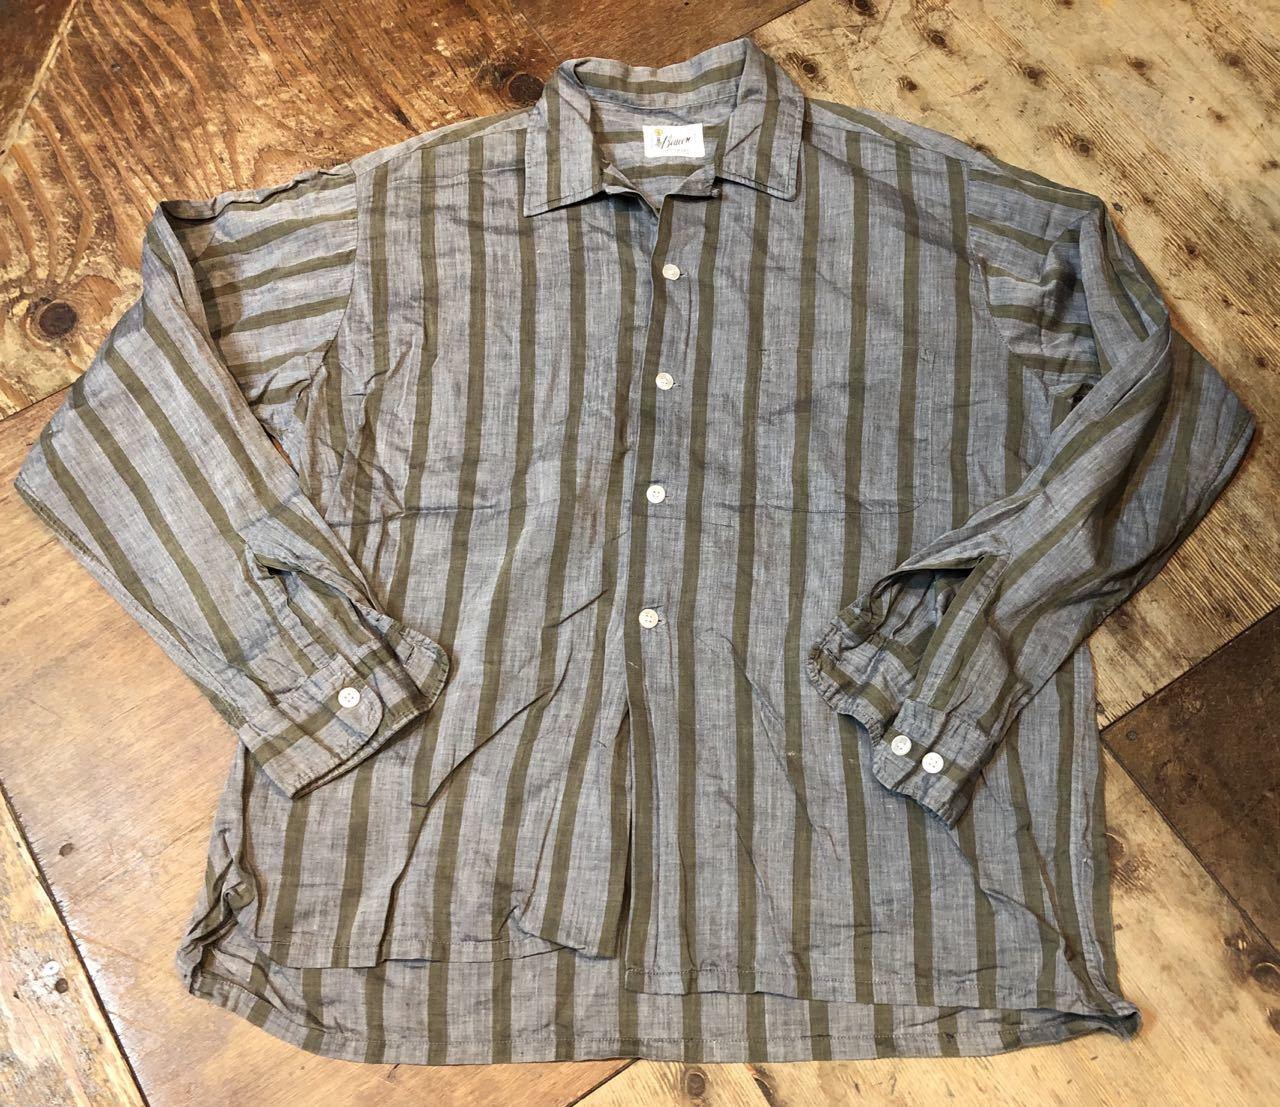 4月20日(土)入荷!60s Beacon all cotton ストライプシャツ!_c0144020_14164721.jpg